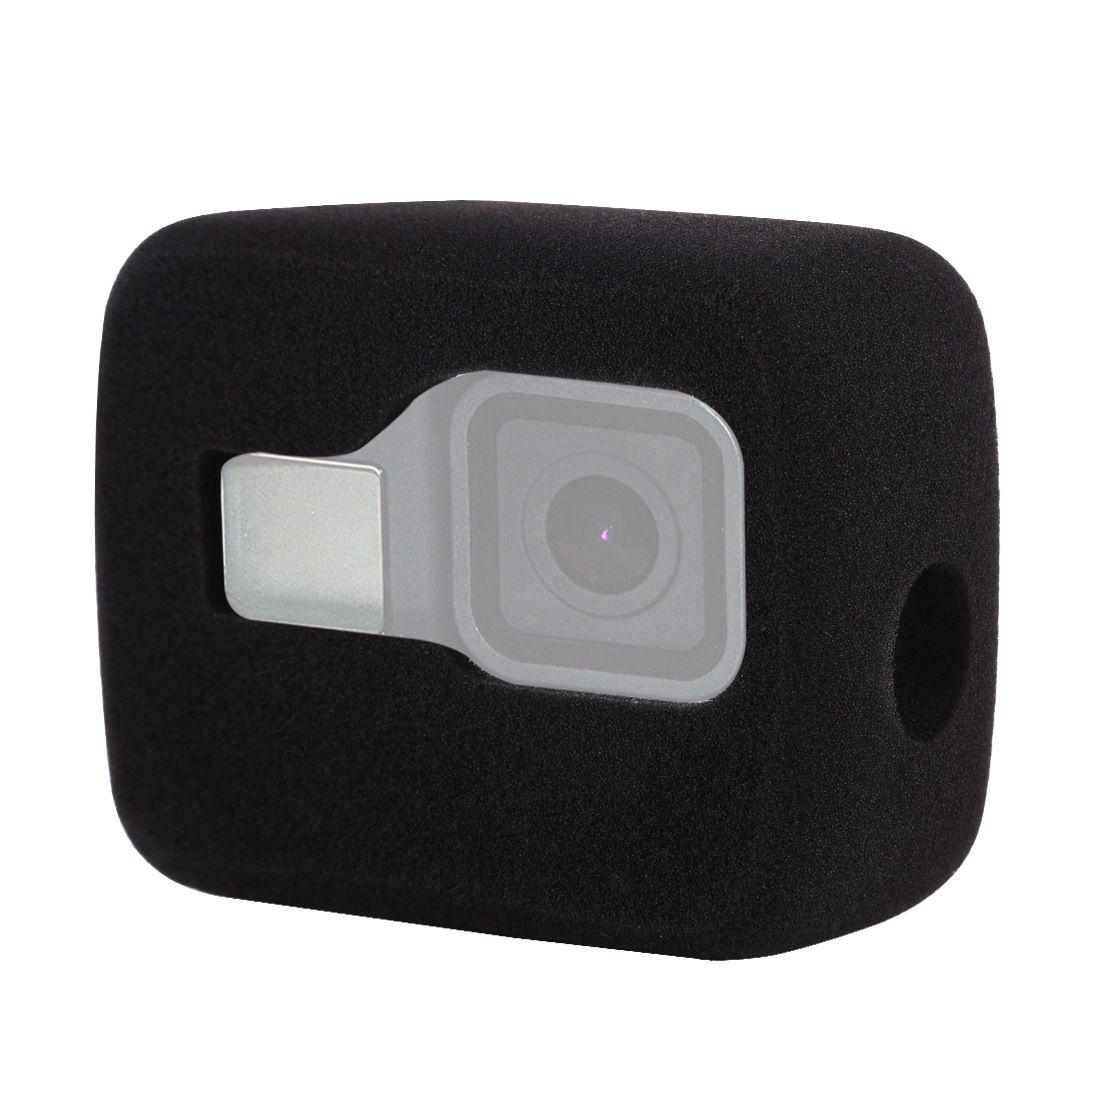 Windslayer لمن GoPro البطل 8 الأسود الزجاج الأمامي الرياح رغوة غطاء للحد من الضوضاء الرياح صامد للريح لحالة العودة برو 8 ملحقات كاميرا